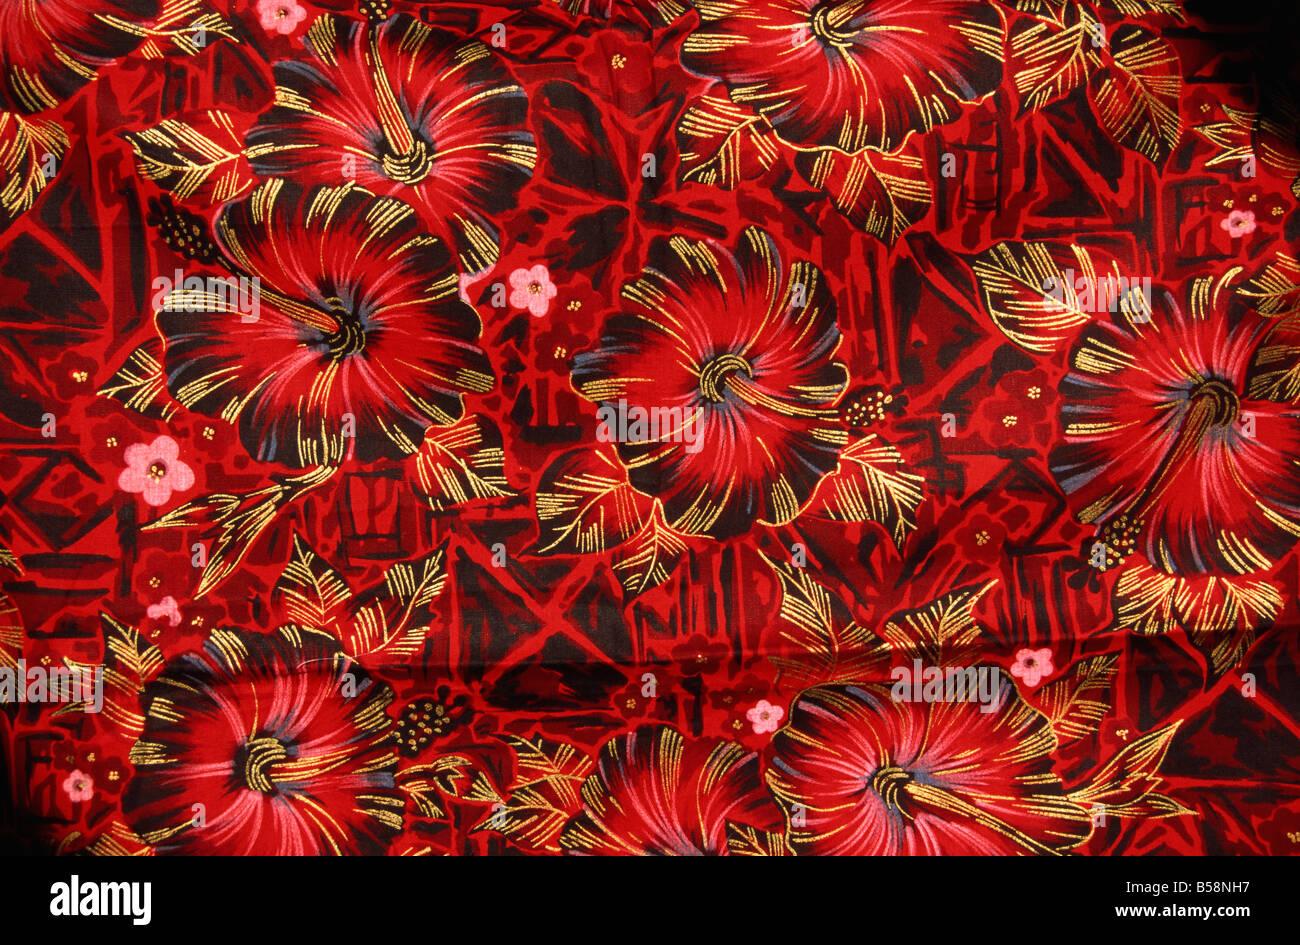 Tissu de coton sur la vente aux touristes des îles du Pacifique Pacifique Fidji Photo Stock